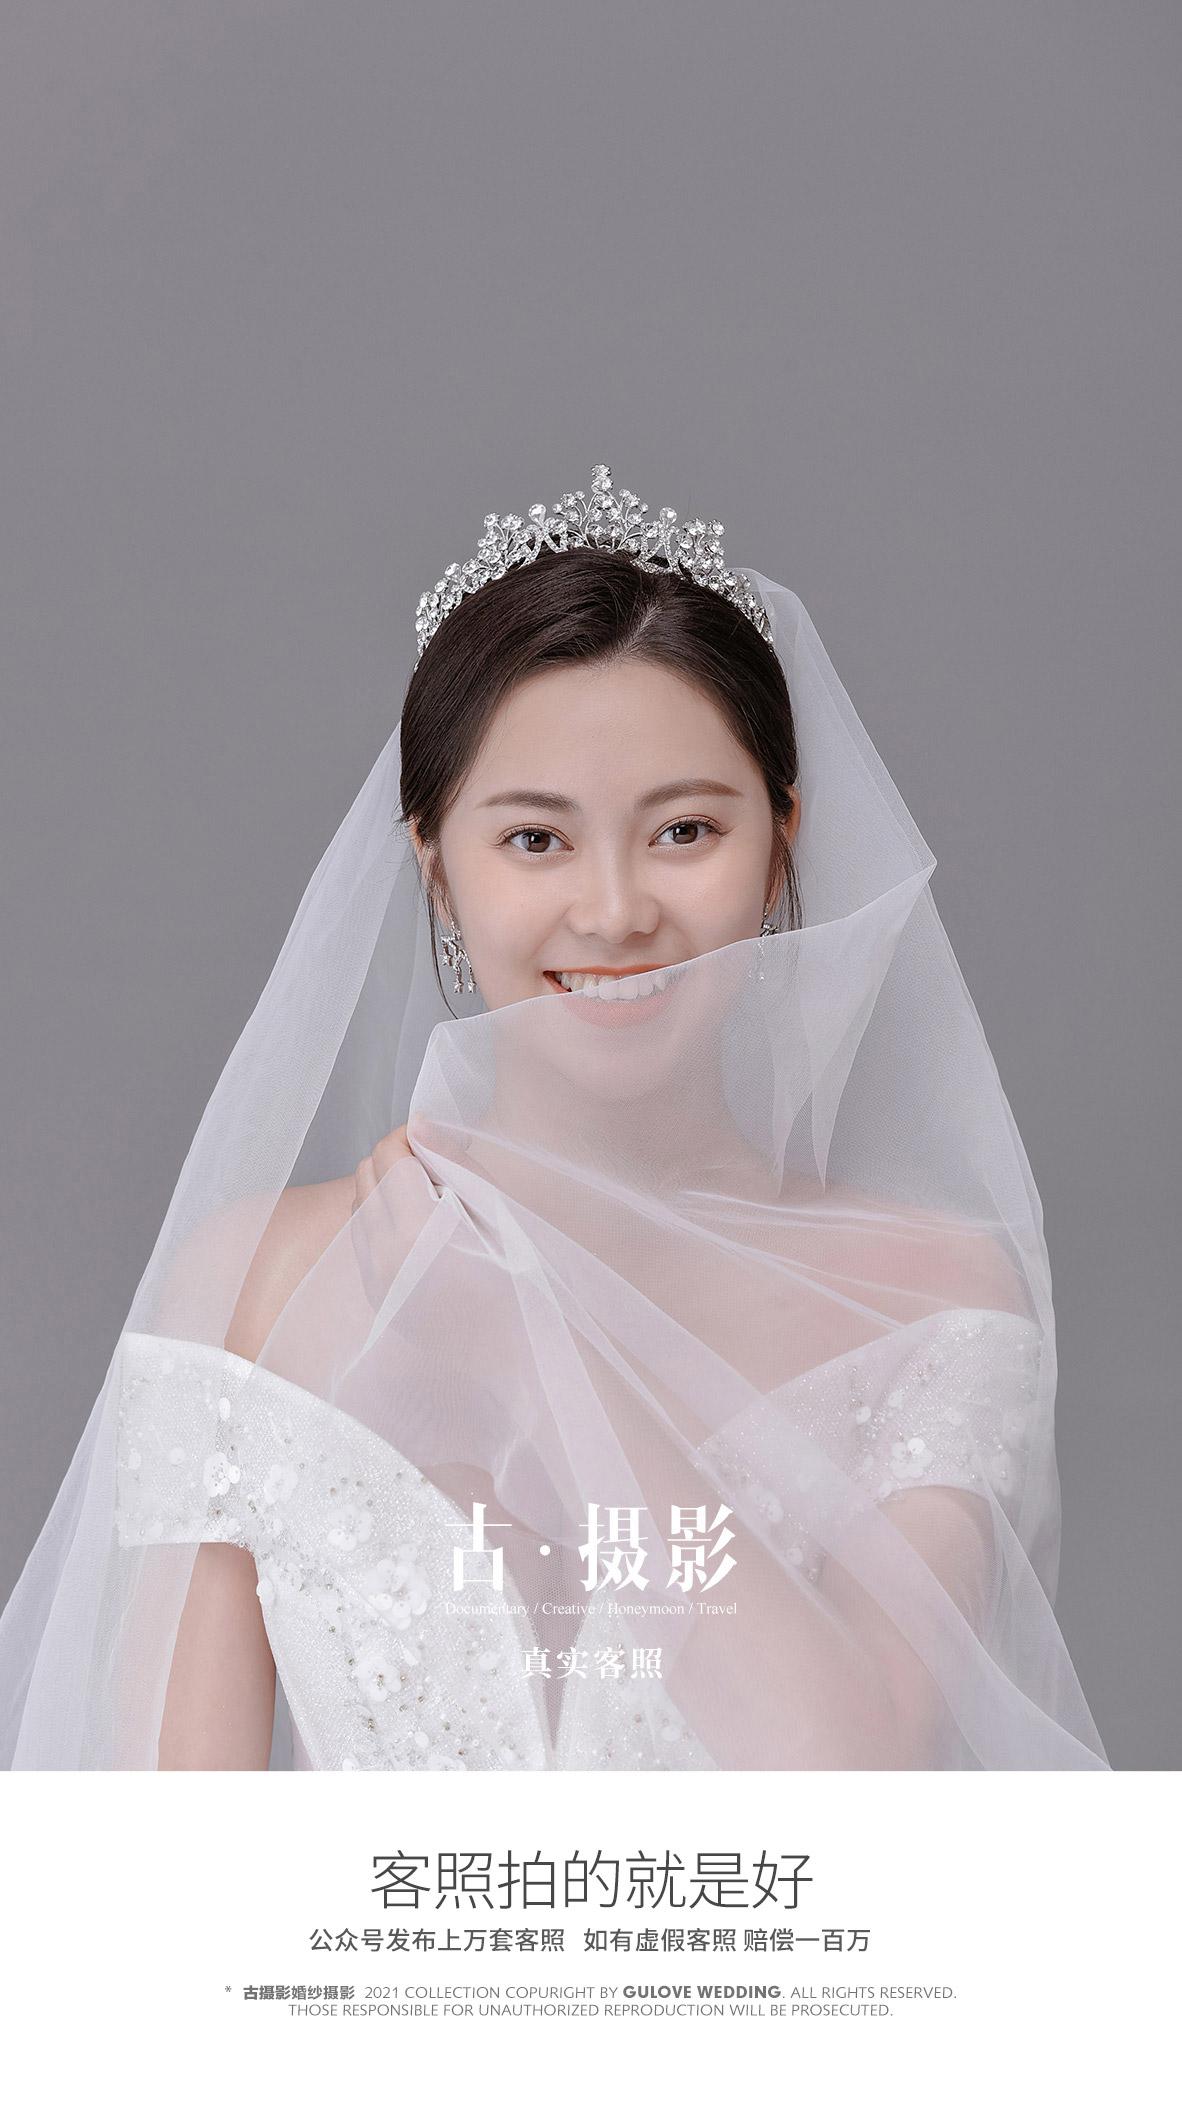 05月客照第一季 - 月度客照 - 古摄影婚纱艺术-古摄影成都婚纱摄影艺术摄影网